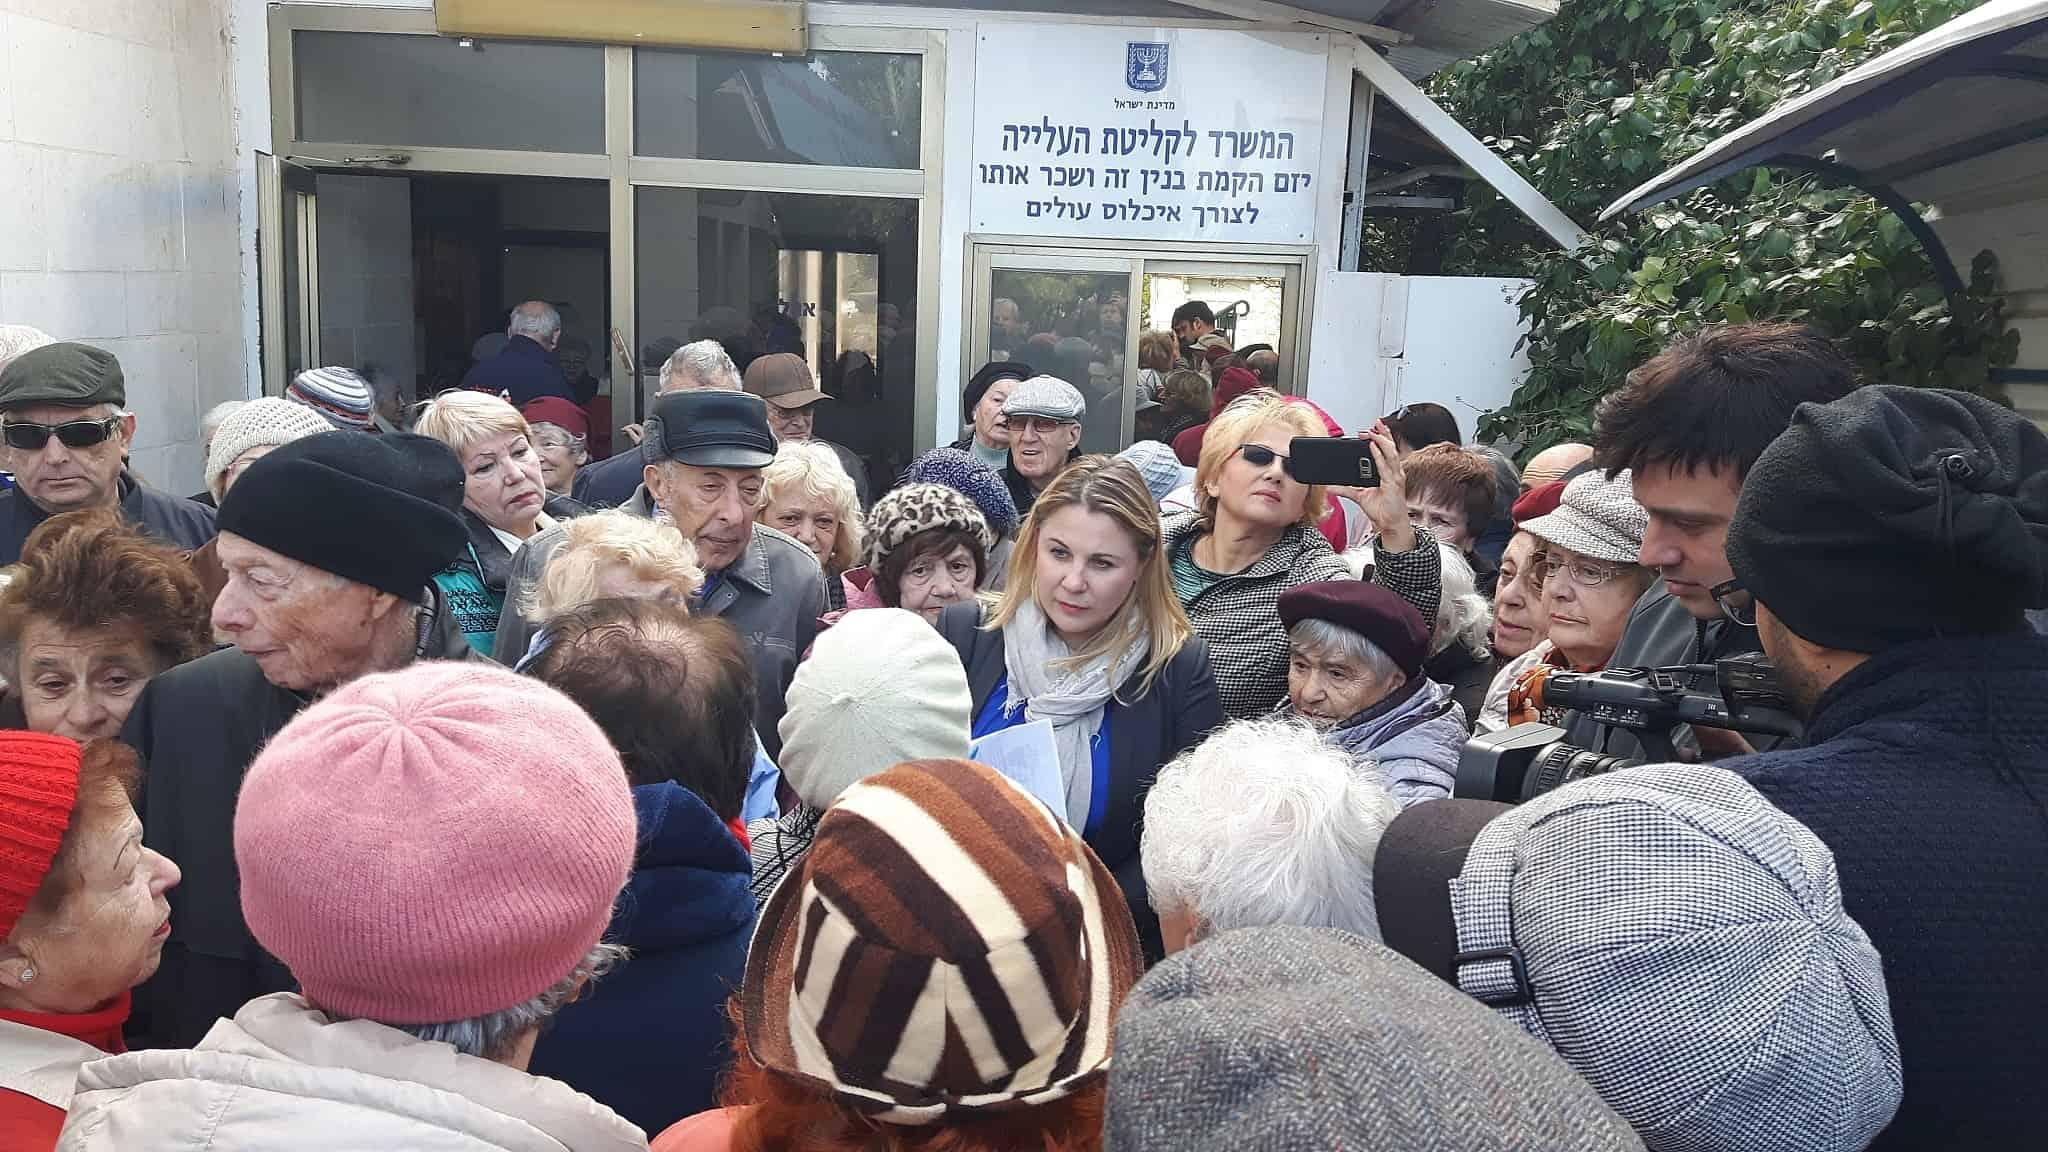 קסניה סבטלובה (במרכז) במפגש עם דיירי מלון דיפלומט בירושלים